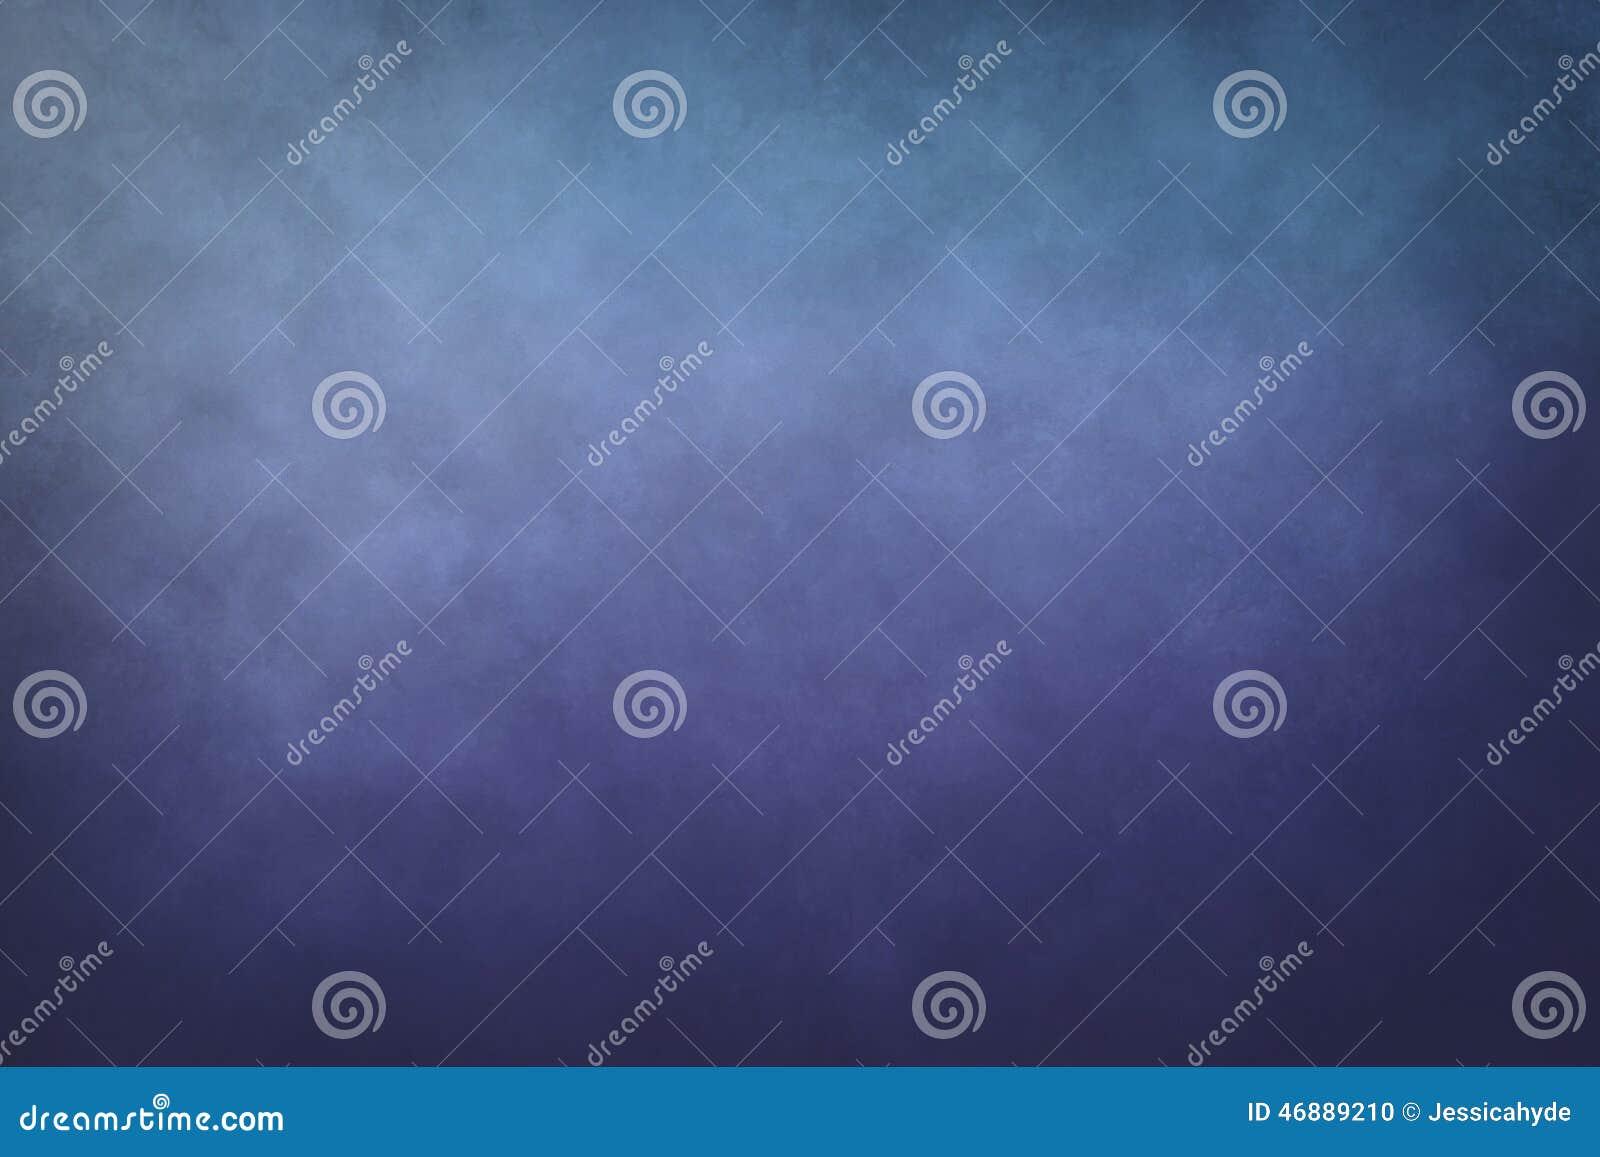 Fondo astratto porpora e blu